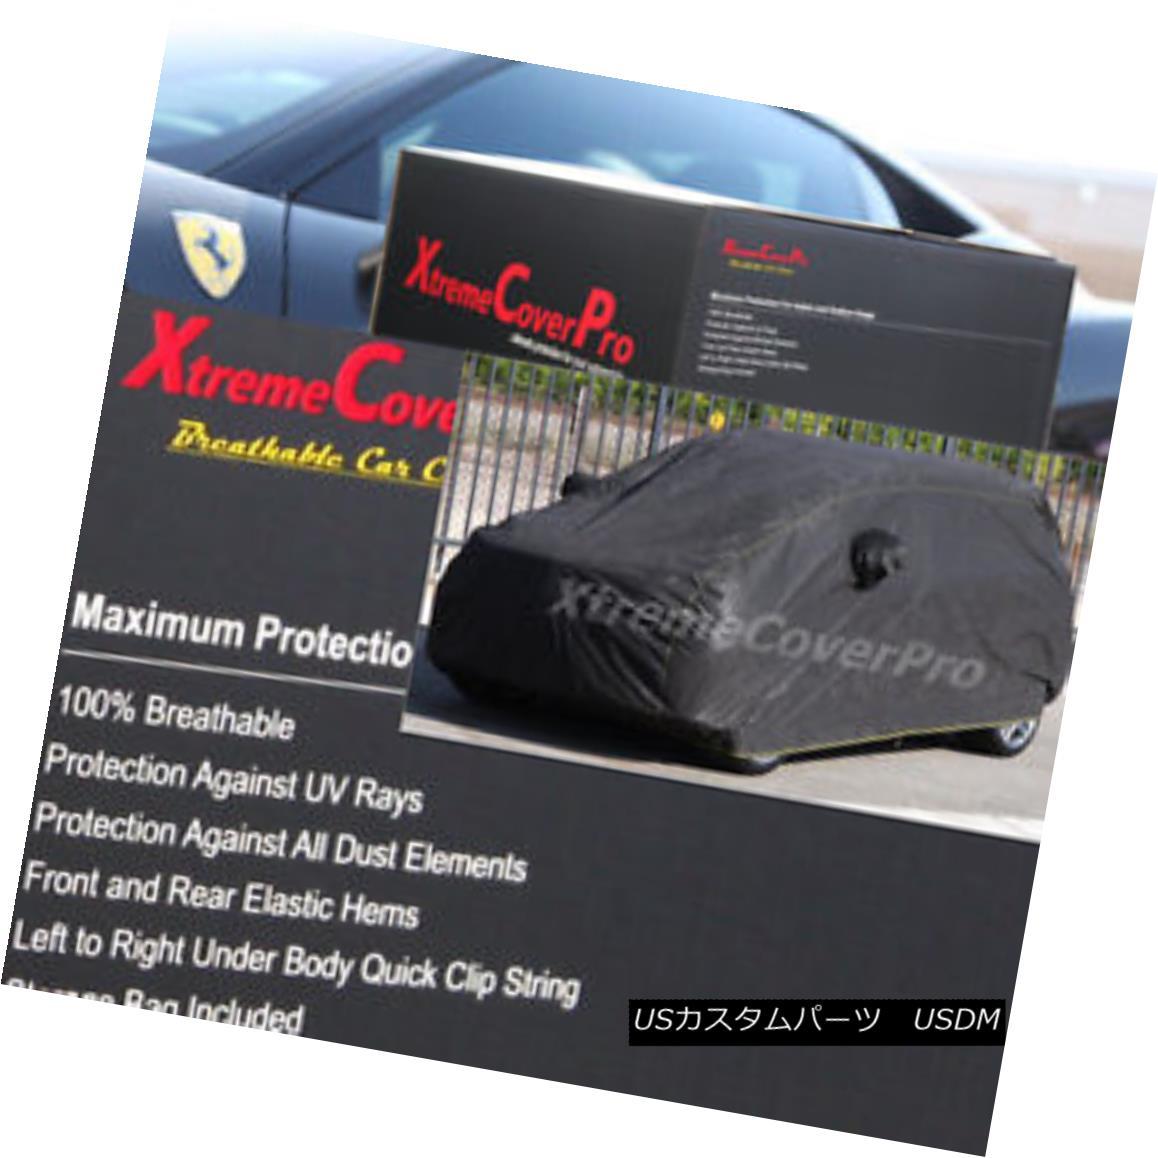 カーカバー 2009 2010 2011 2012 Mercedes G500 G550 G55 Breathable Car Cover w/MirrorPocket 2009年2010年2011年2012メルセデスG500 G550 G55通気性車カバー付きMirrorPocket